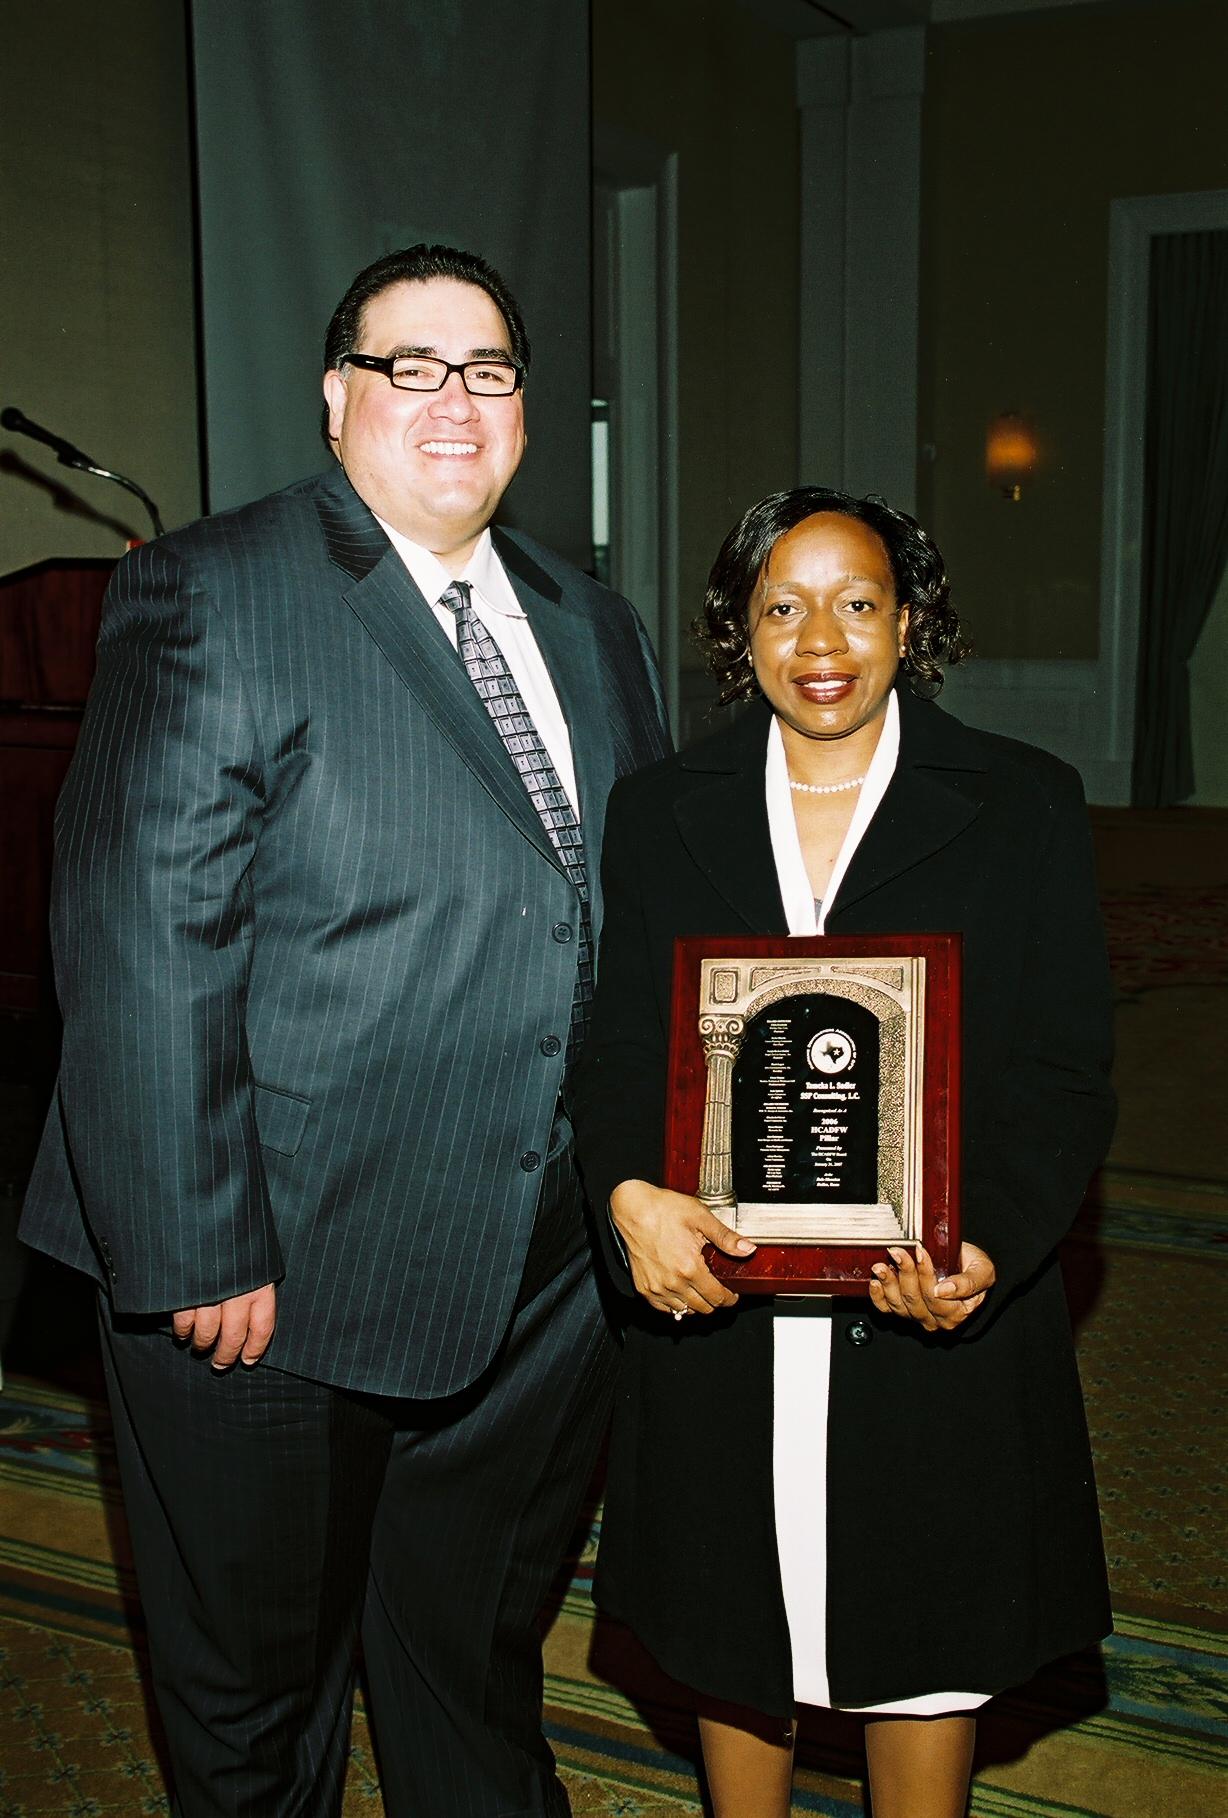 John H. Martínez-D., HCADFW President and Tameka Sadler, SSP Consulting and HCADFW Pillar Awardee